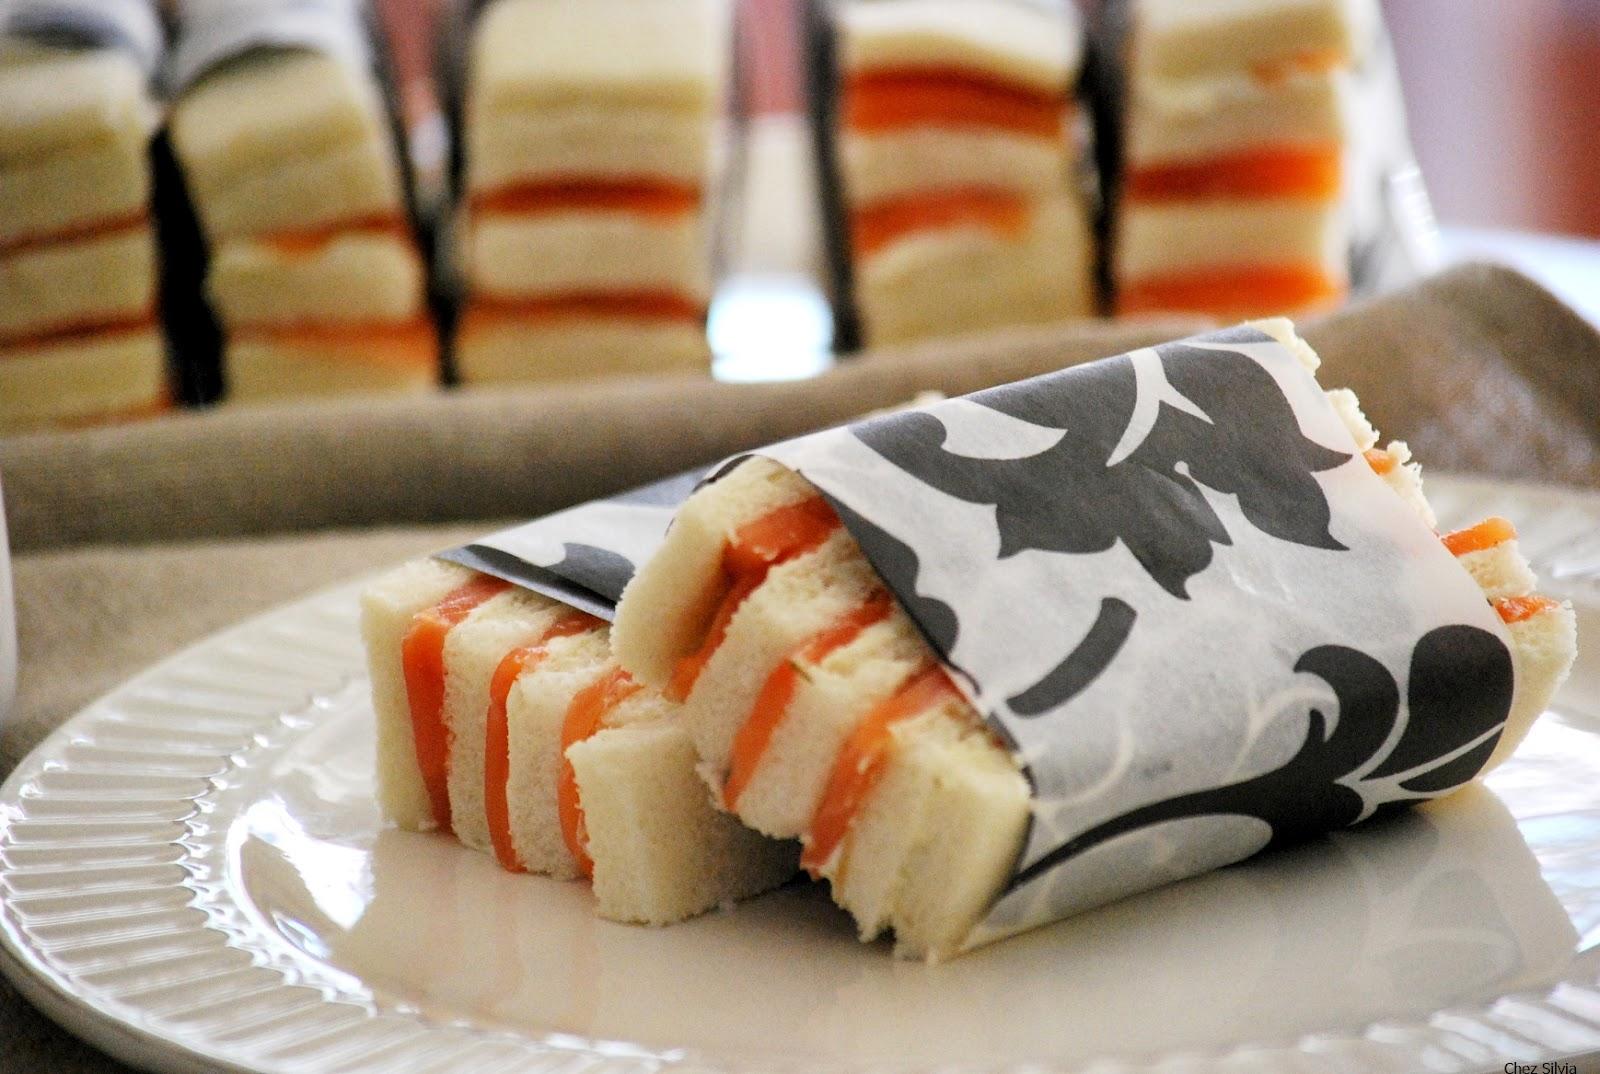 Canap de salm n ahumado con crema de queso y mostaza de for Canape de salmon ahumado